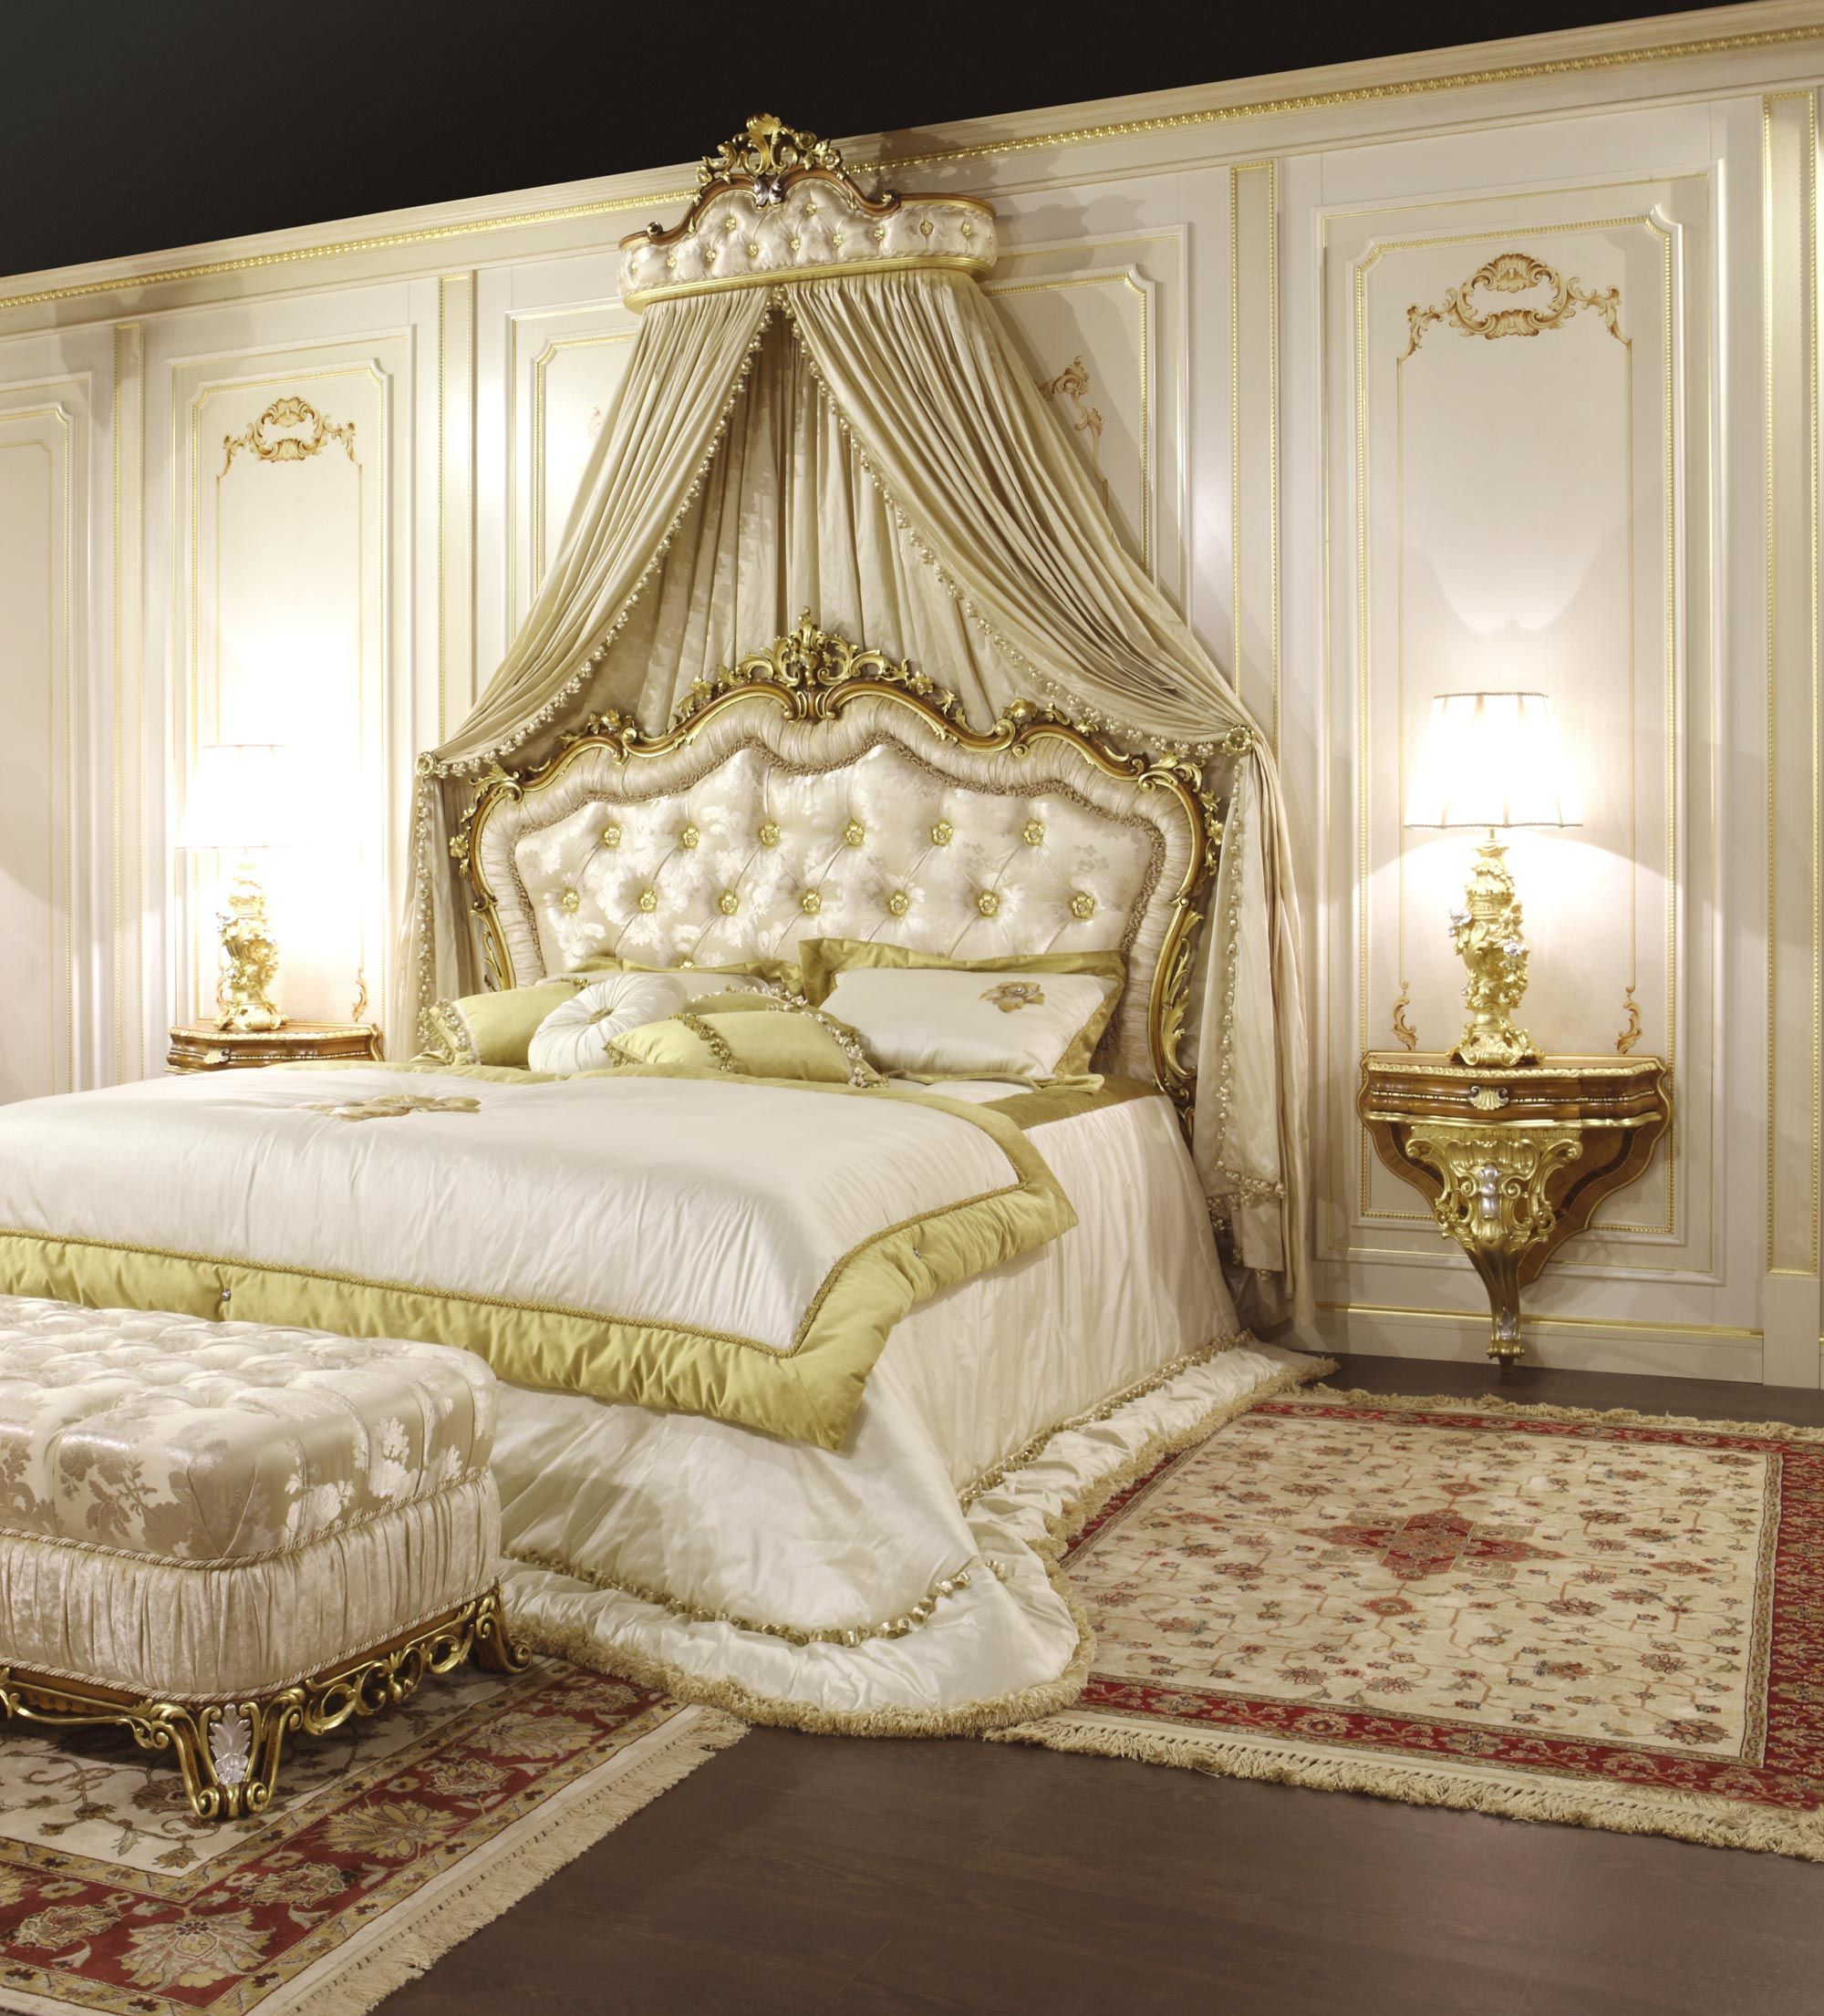 Letto classico barocco art. 2013 | Vimercati Classic Furniture